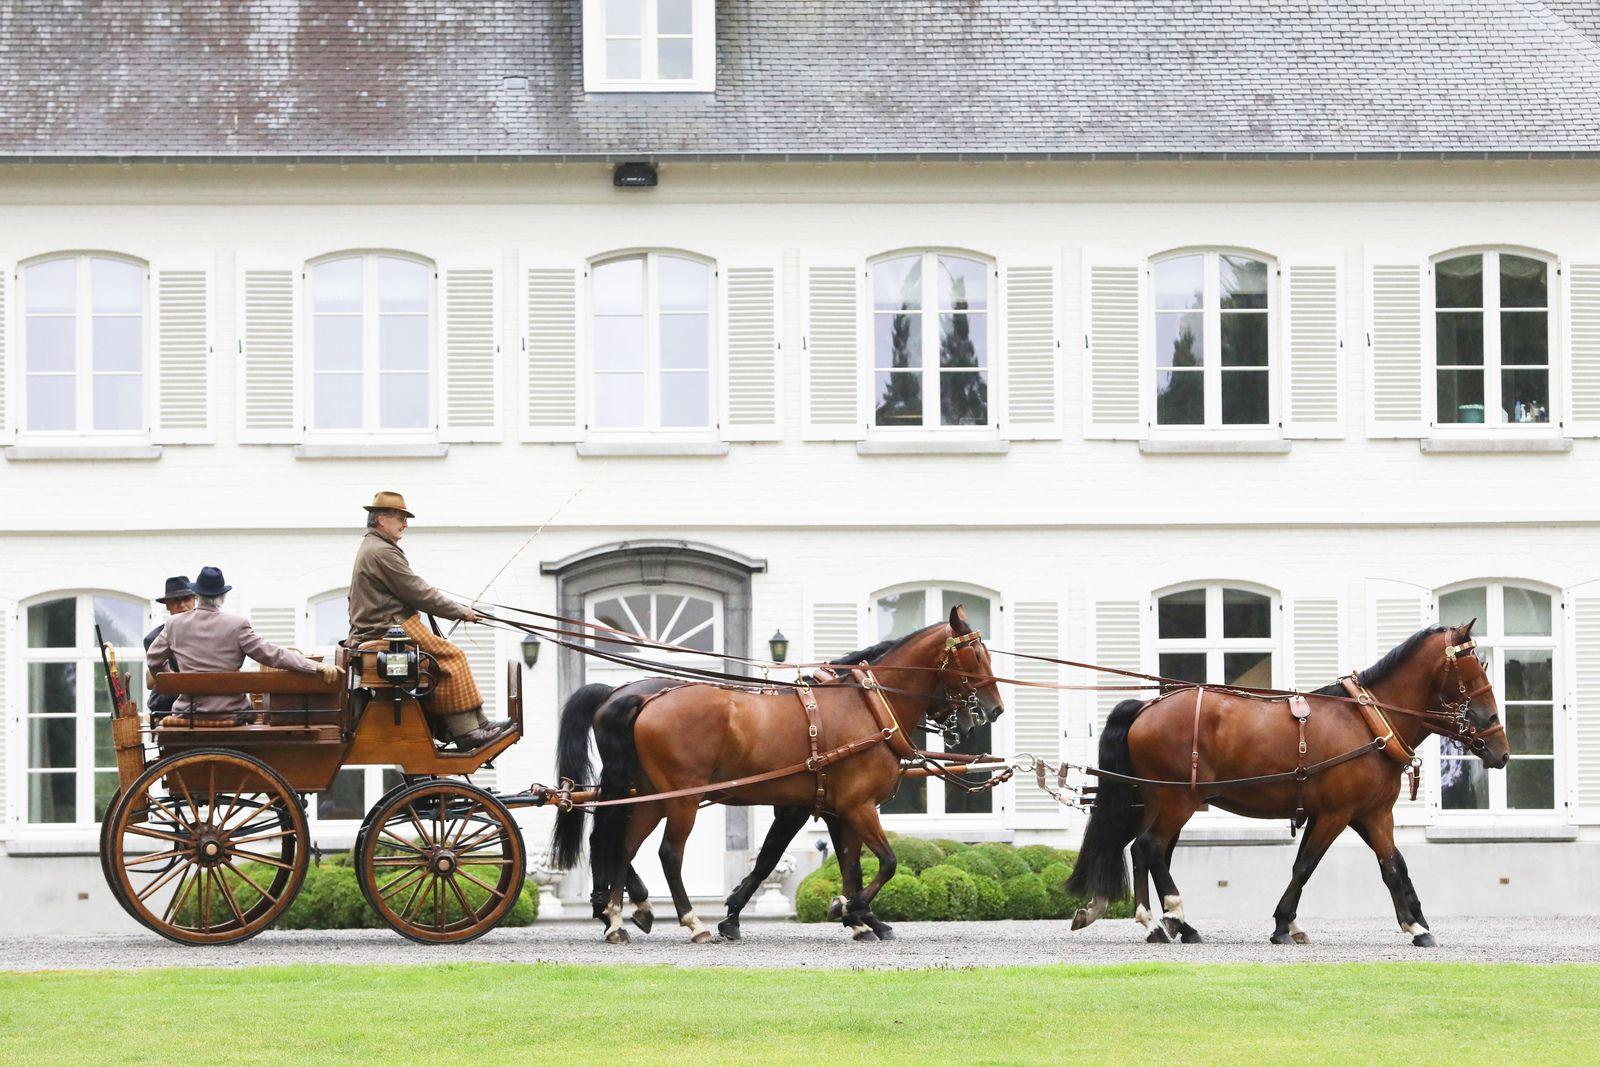 A la Route de Lorraine de 2017, l'auteur Andres Furger présente une Wagonette, attelée à quatre, de manufacture Suisse, Kauffmann, Reinbolt & Christe à Bâle